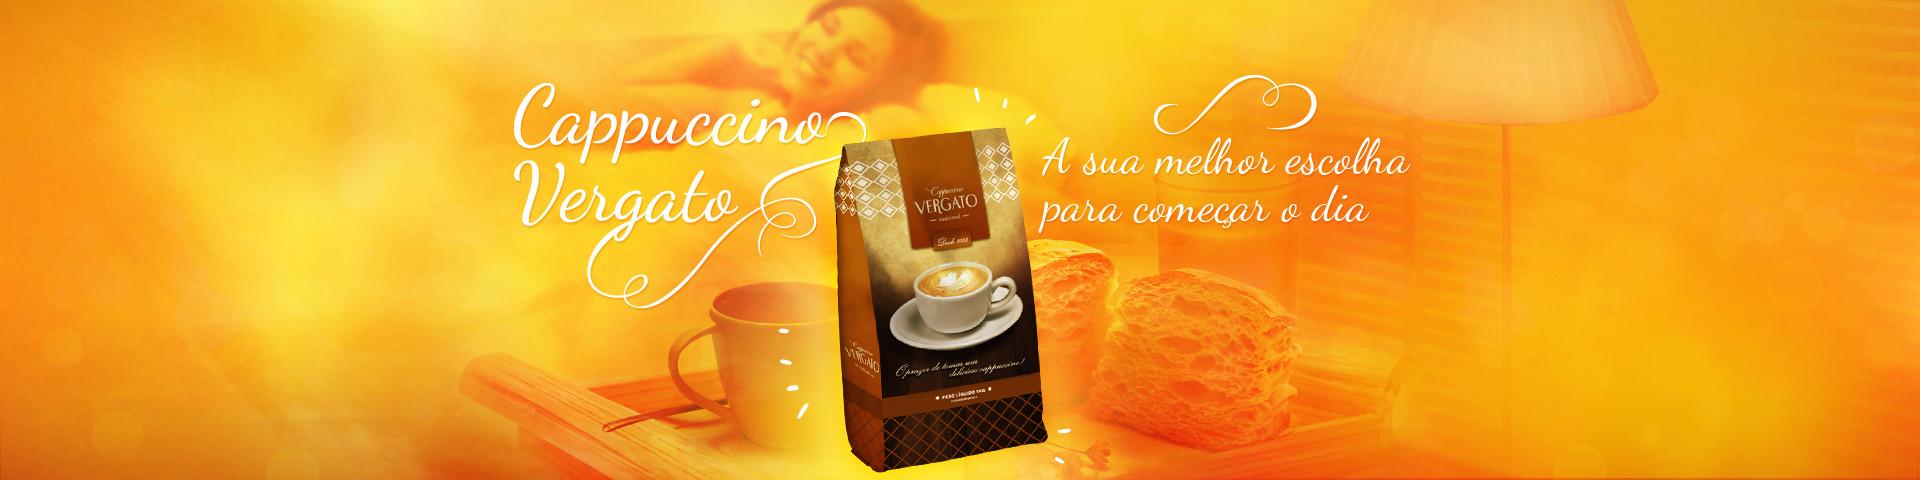 Banner-Home4-produtoscappuccino